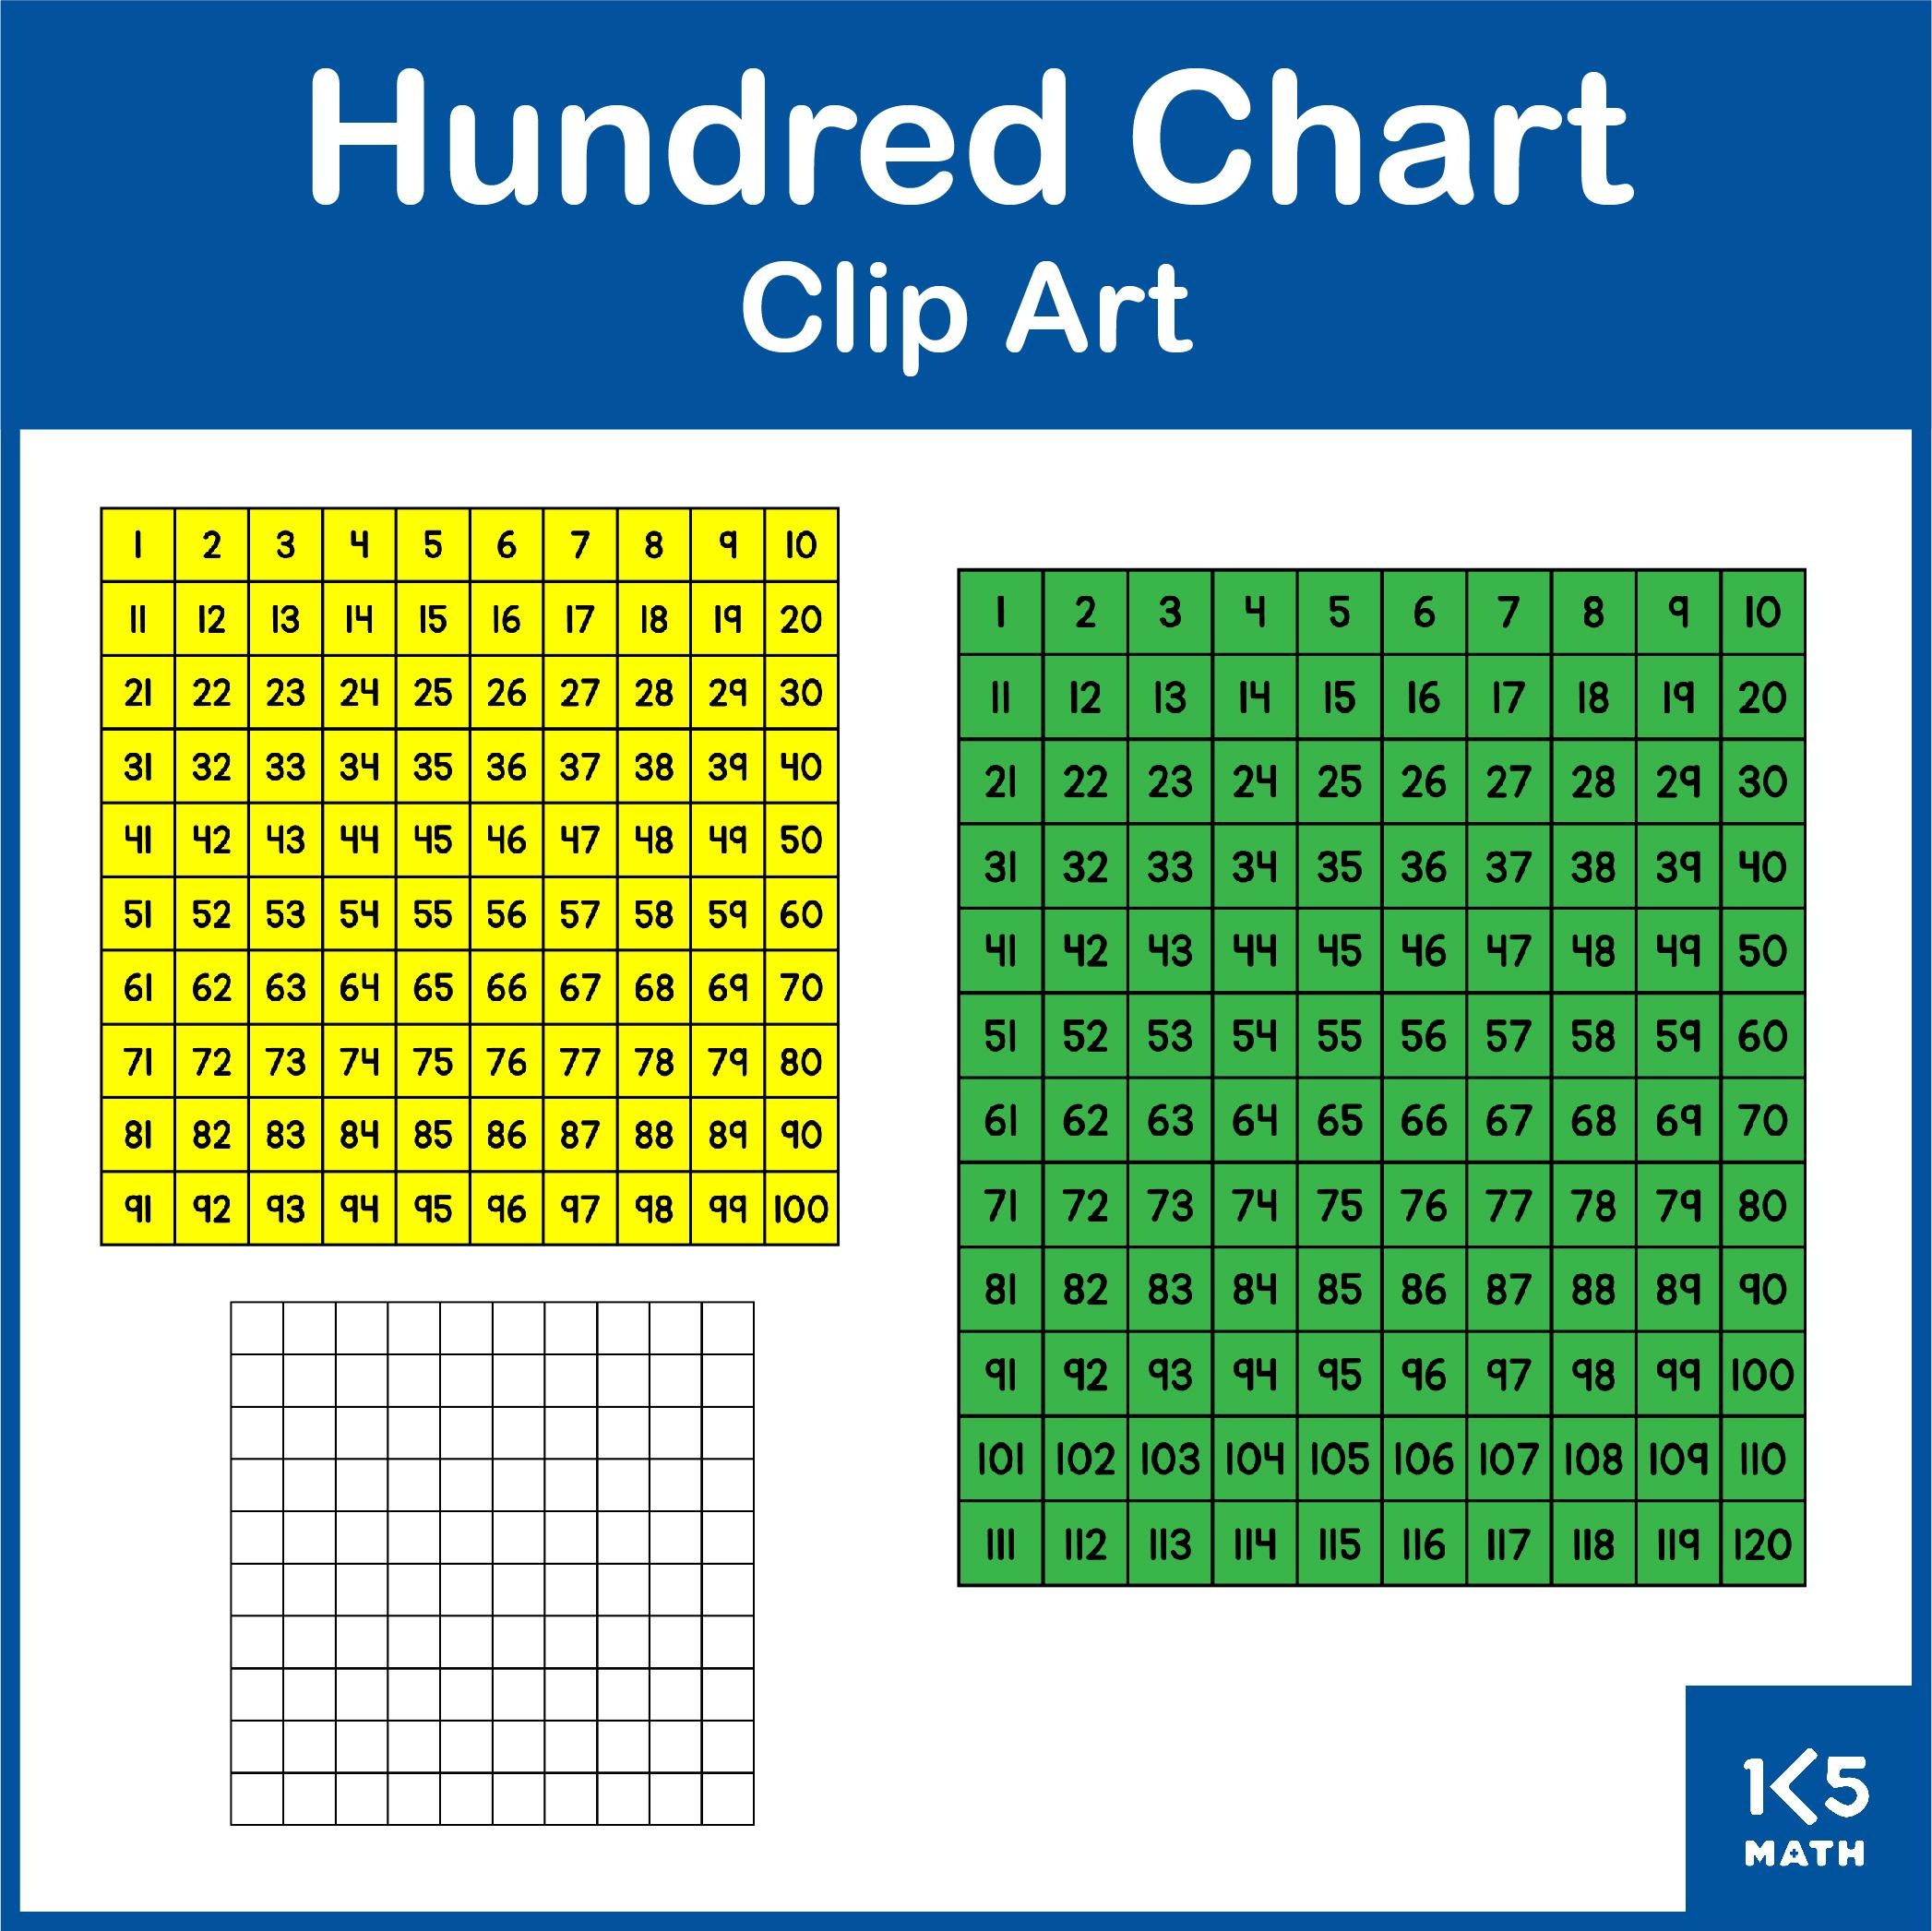 Hundred Chart Clip Art